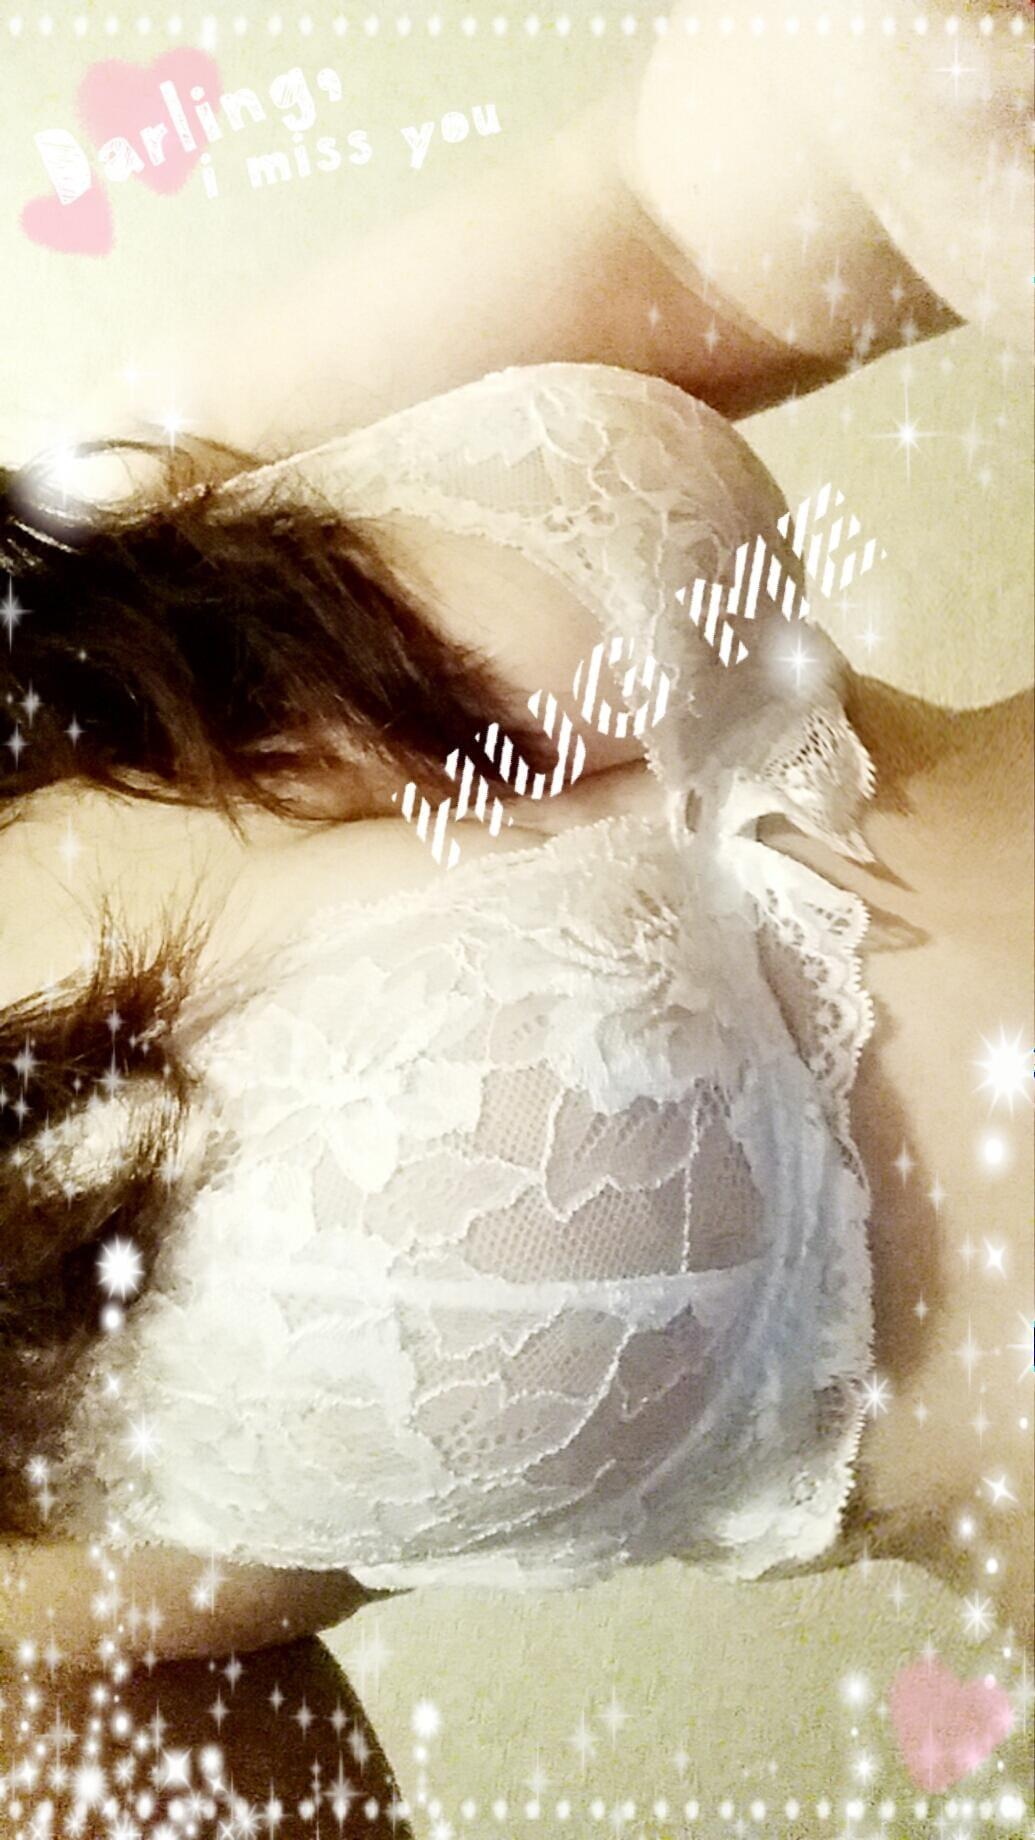 「ありがとうございます」02/12(火) 12:04 | あけみの写メ・風俗動画